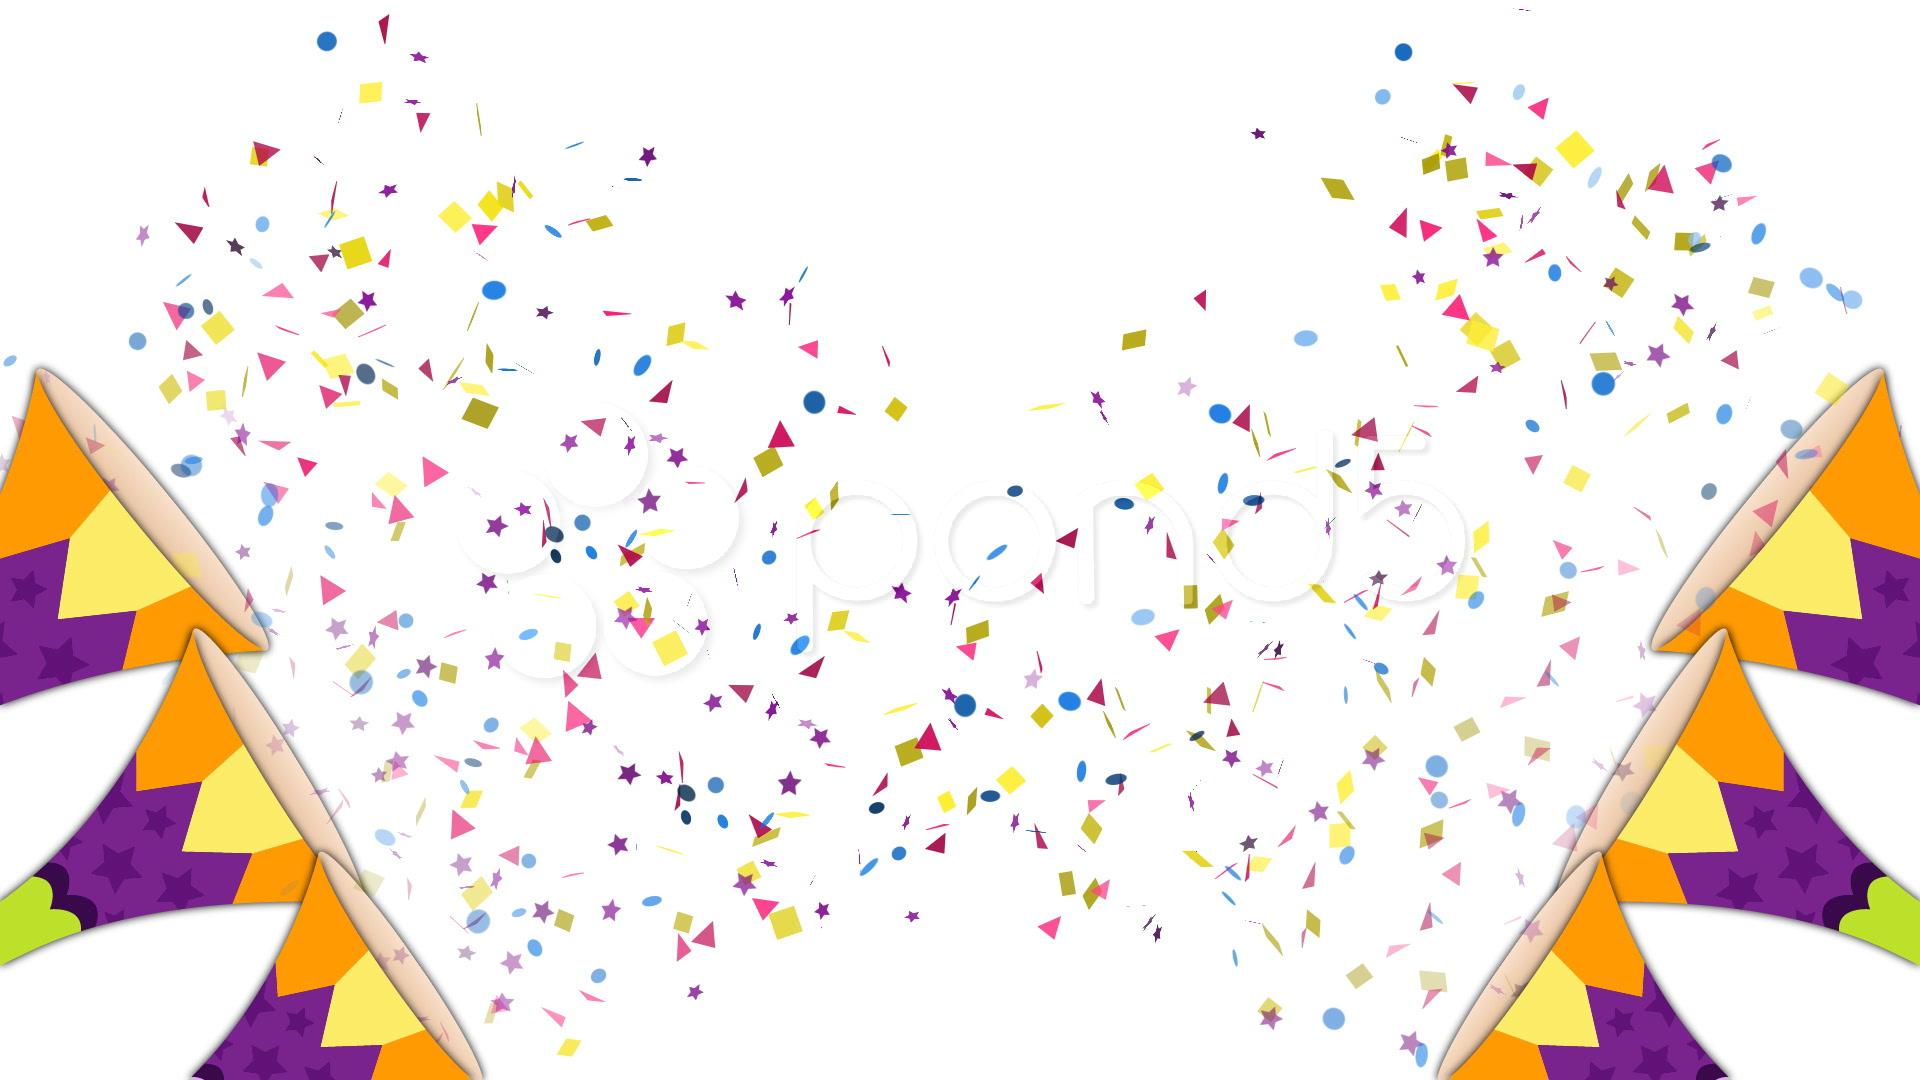 Confetti clipart trumpet. Hd